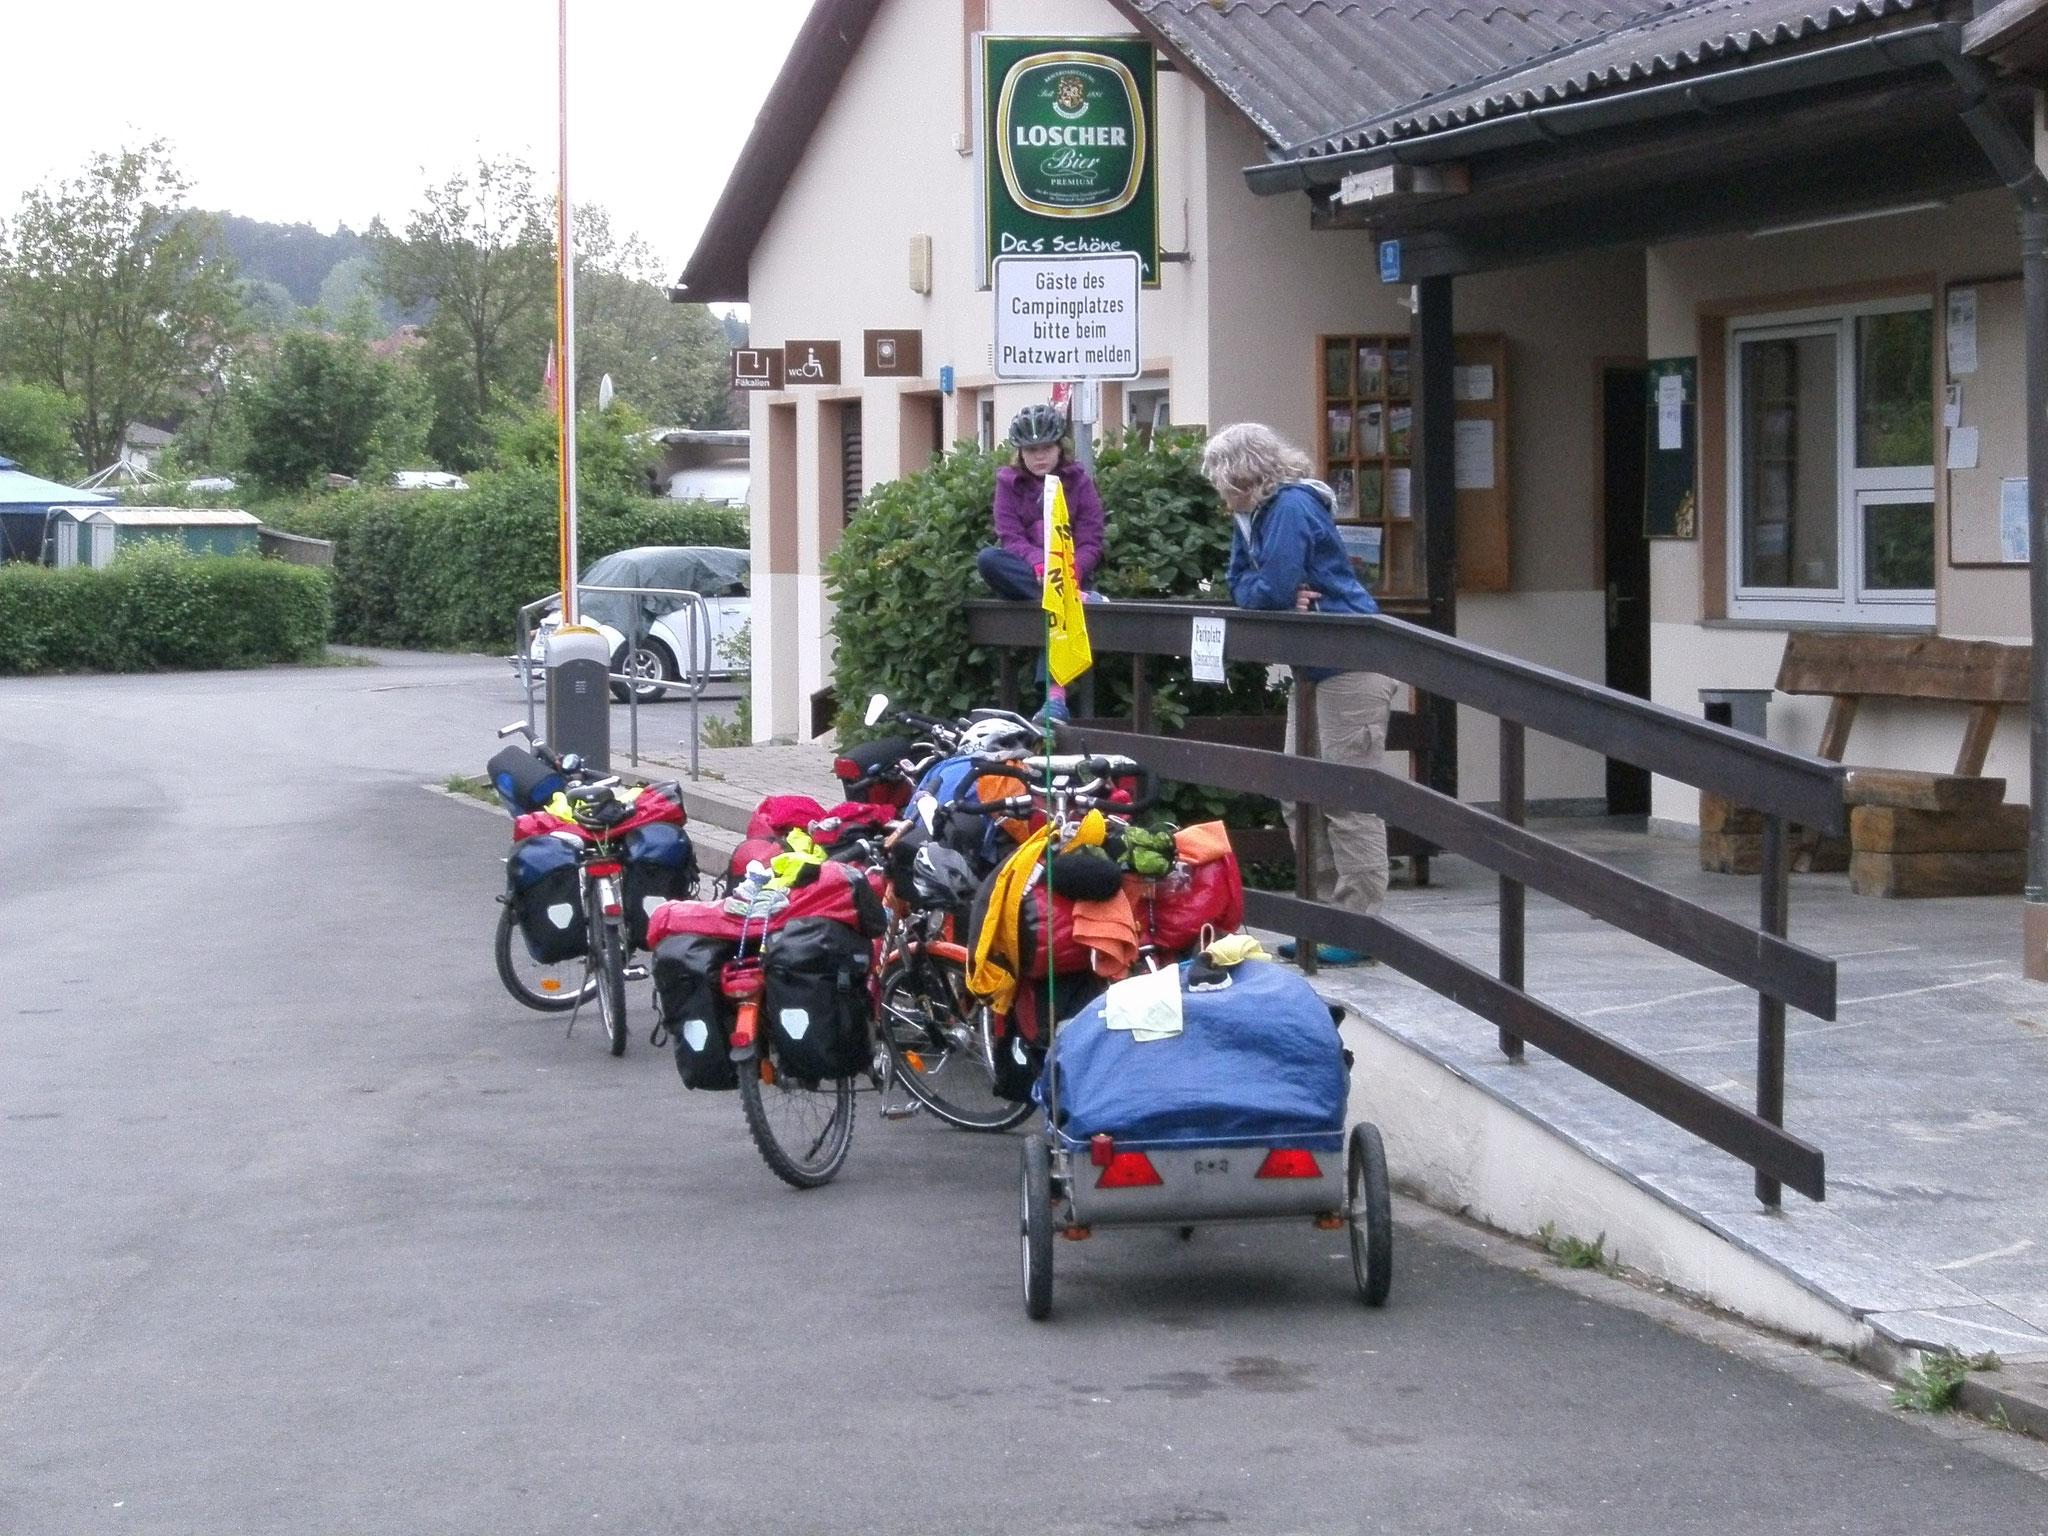 Camping Münchsteinach